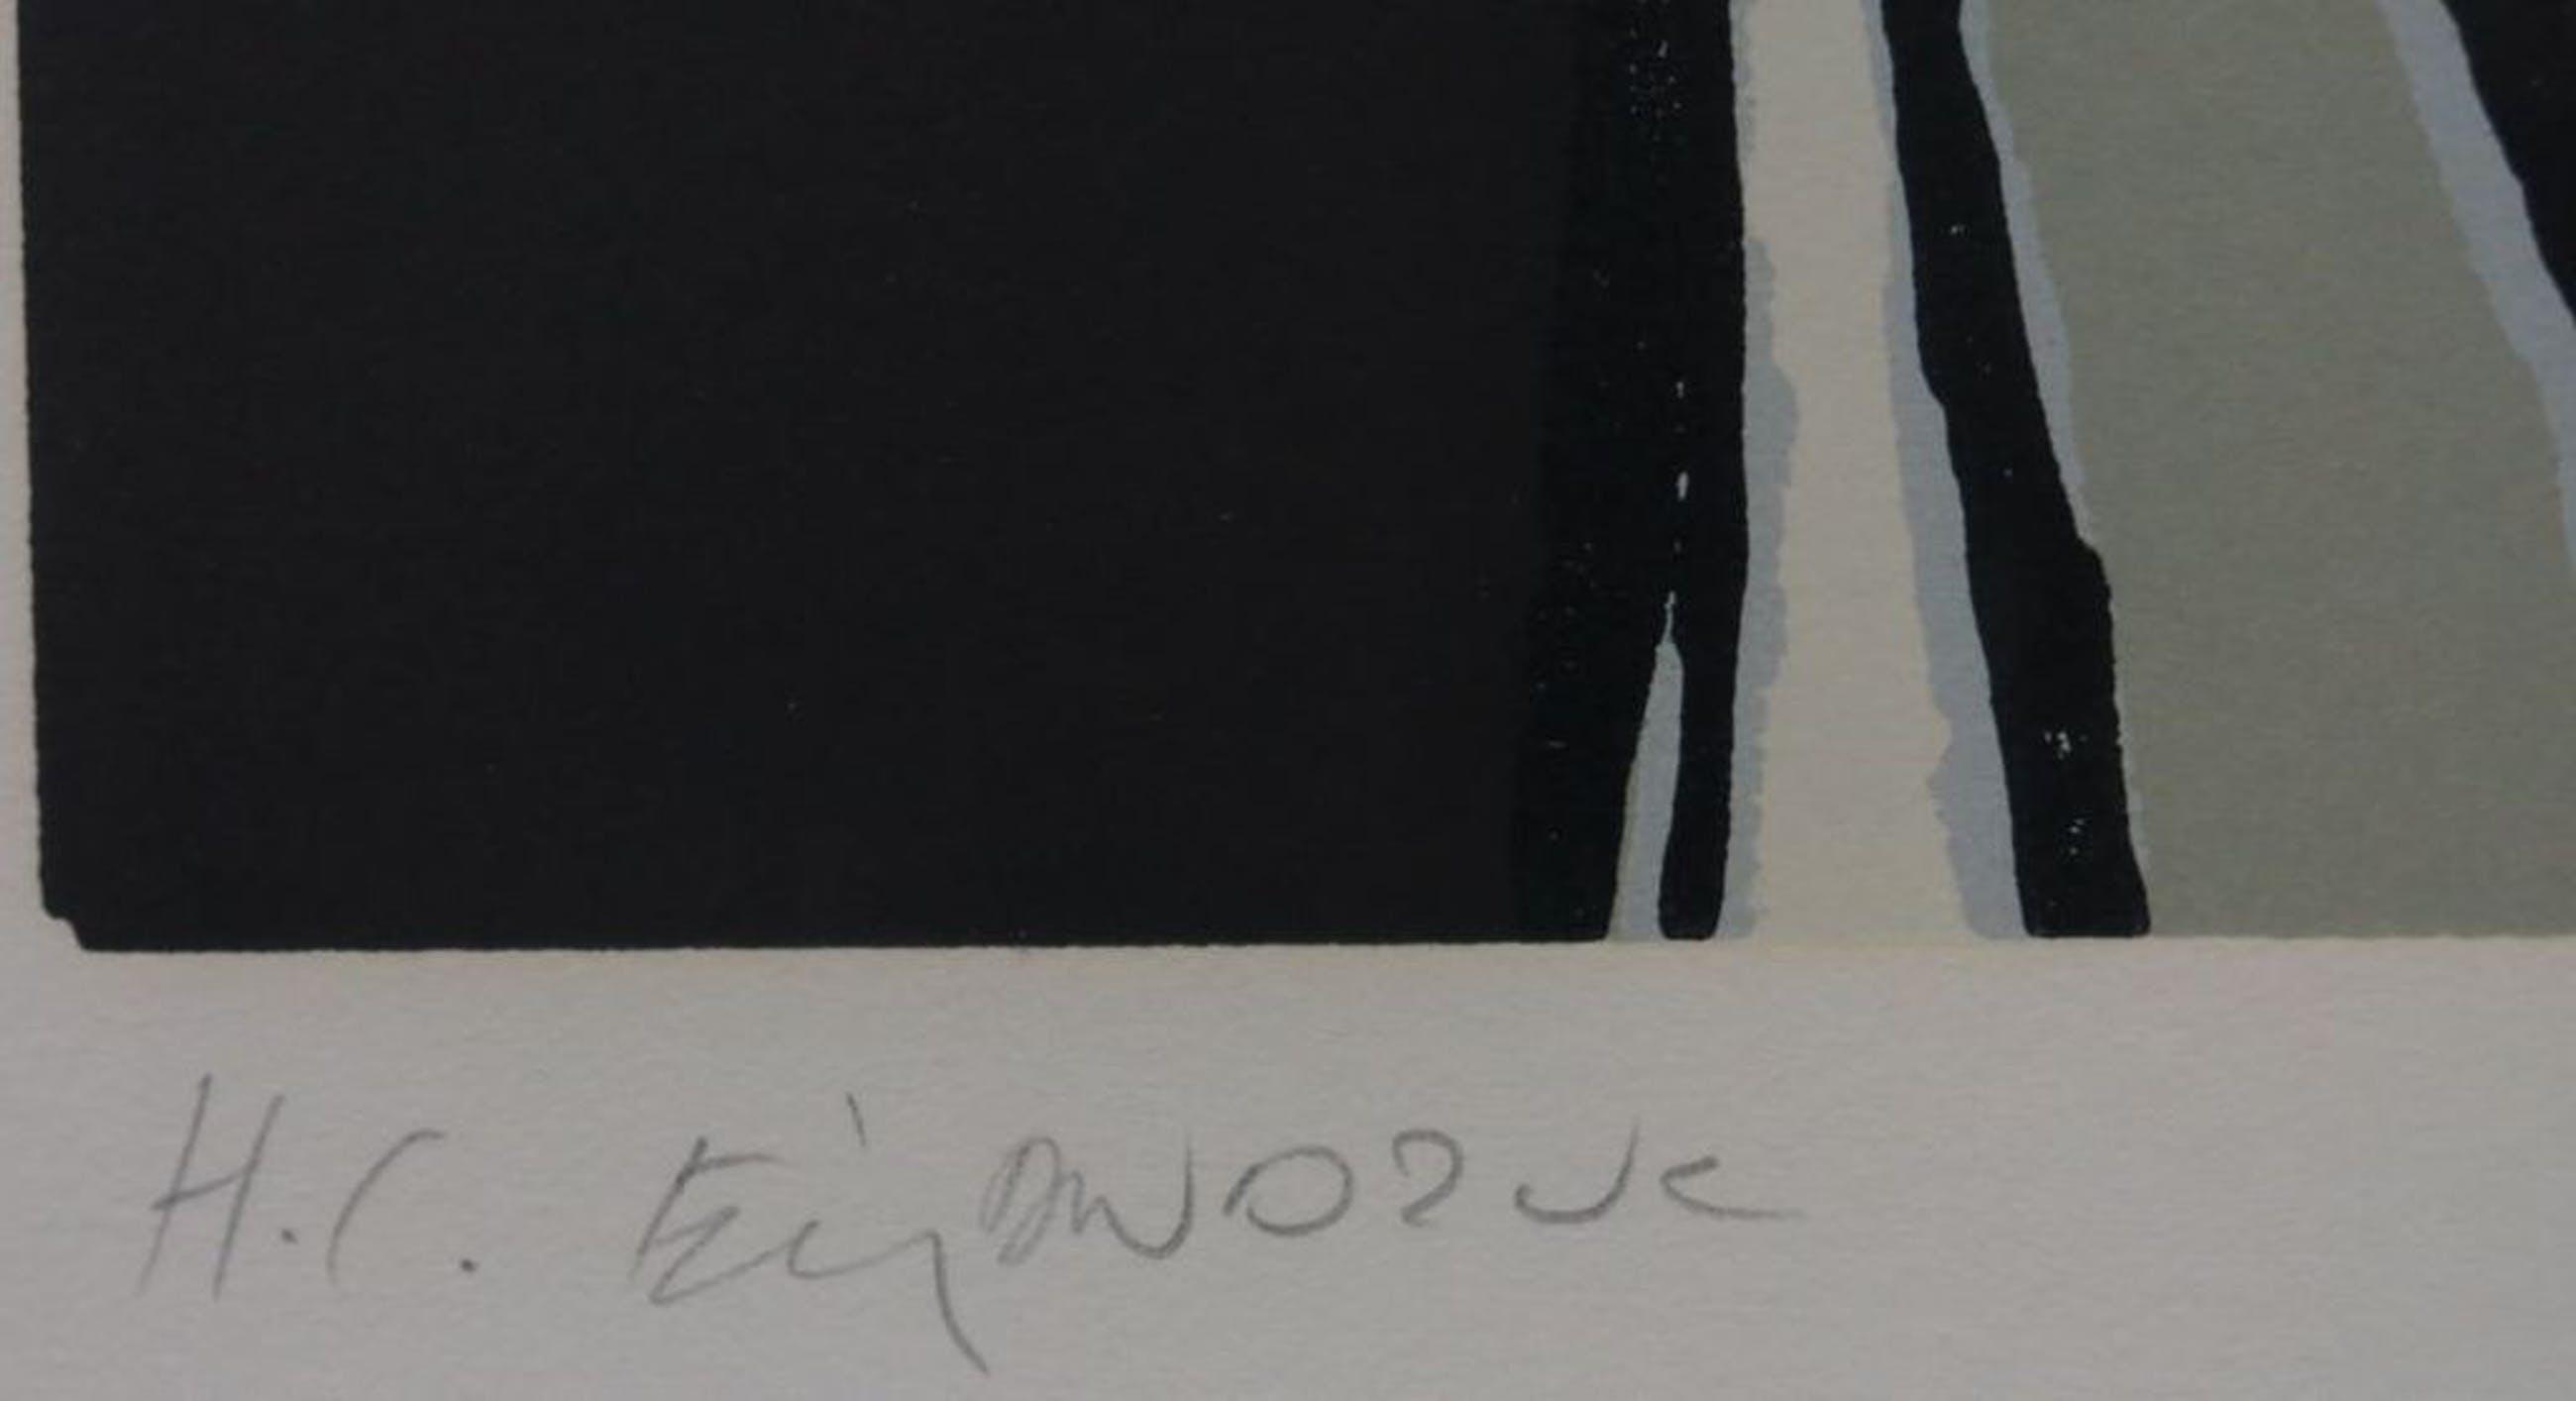 Fon Klement: Boarddruk, zonder titel -Ingelijst (groot) kopen? Bied vanaf 150!